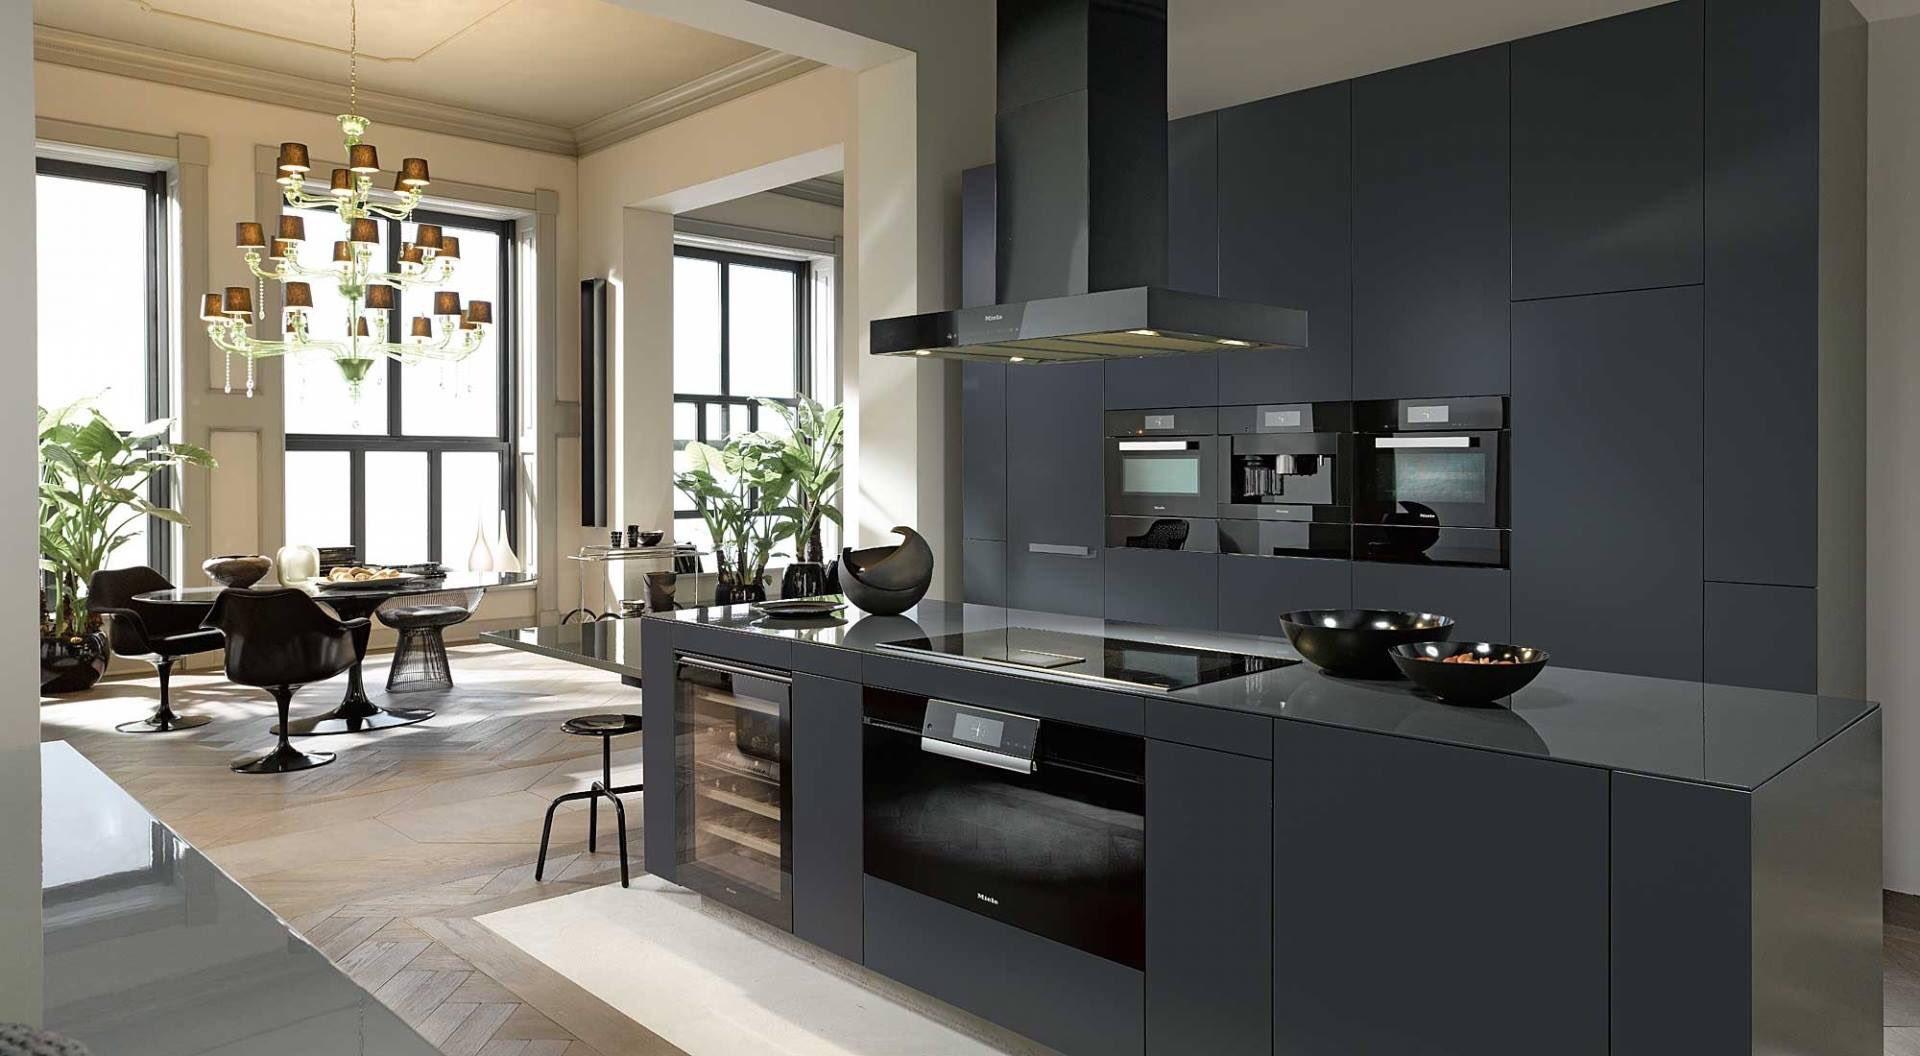 Grijze woonkeuken met kookeiland en Miele inbouwapparatuur #woonkeuken #keukentrends #miele #tielemankeukens